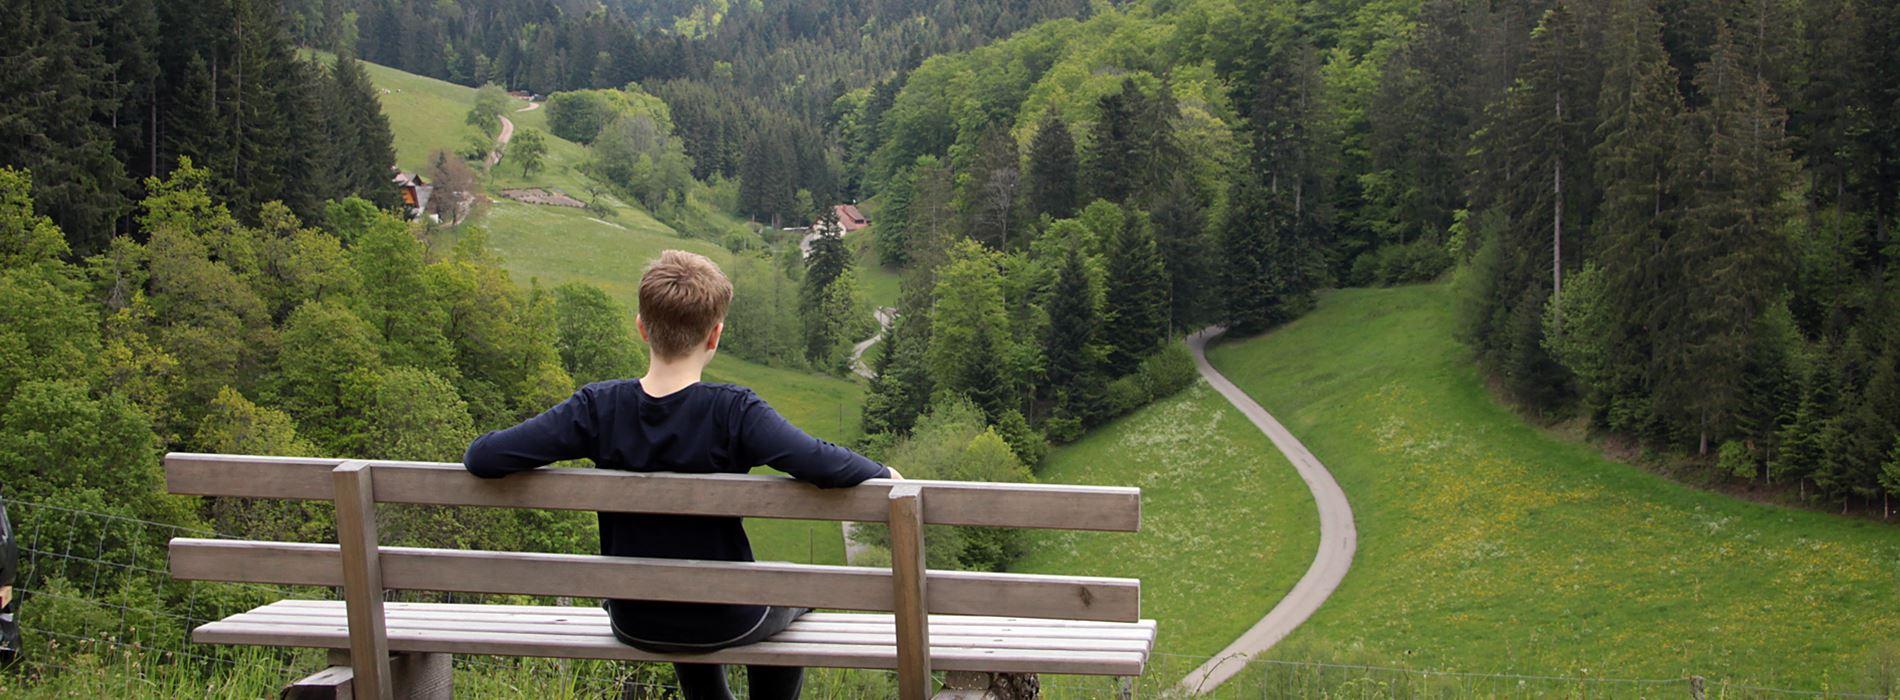 Junge auf einer Sitzbank mit Blick ins hintere Zuwälder Tal